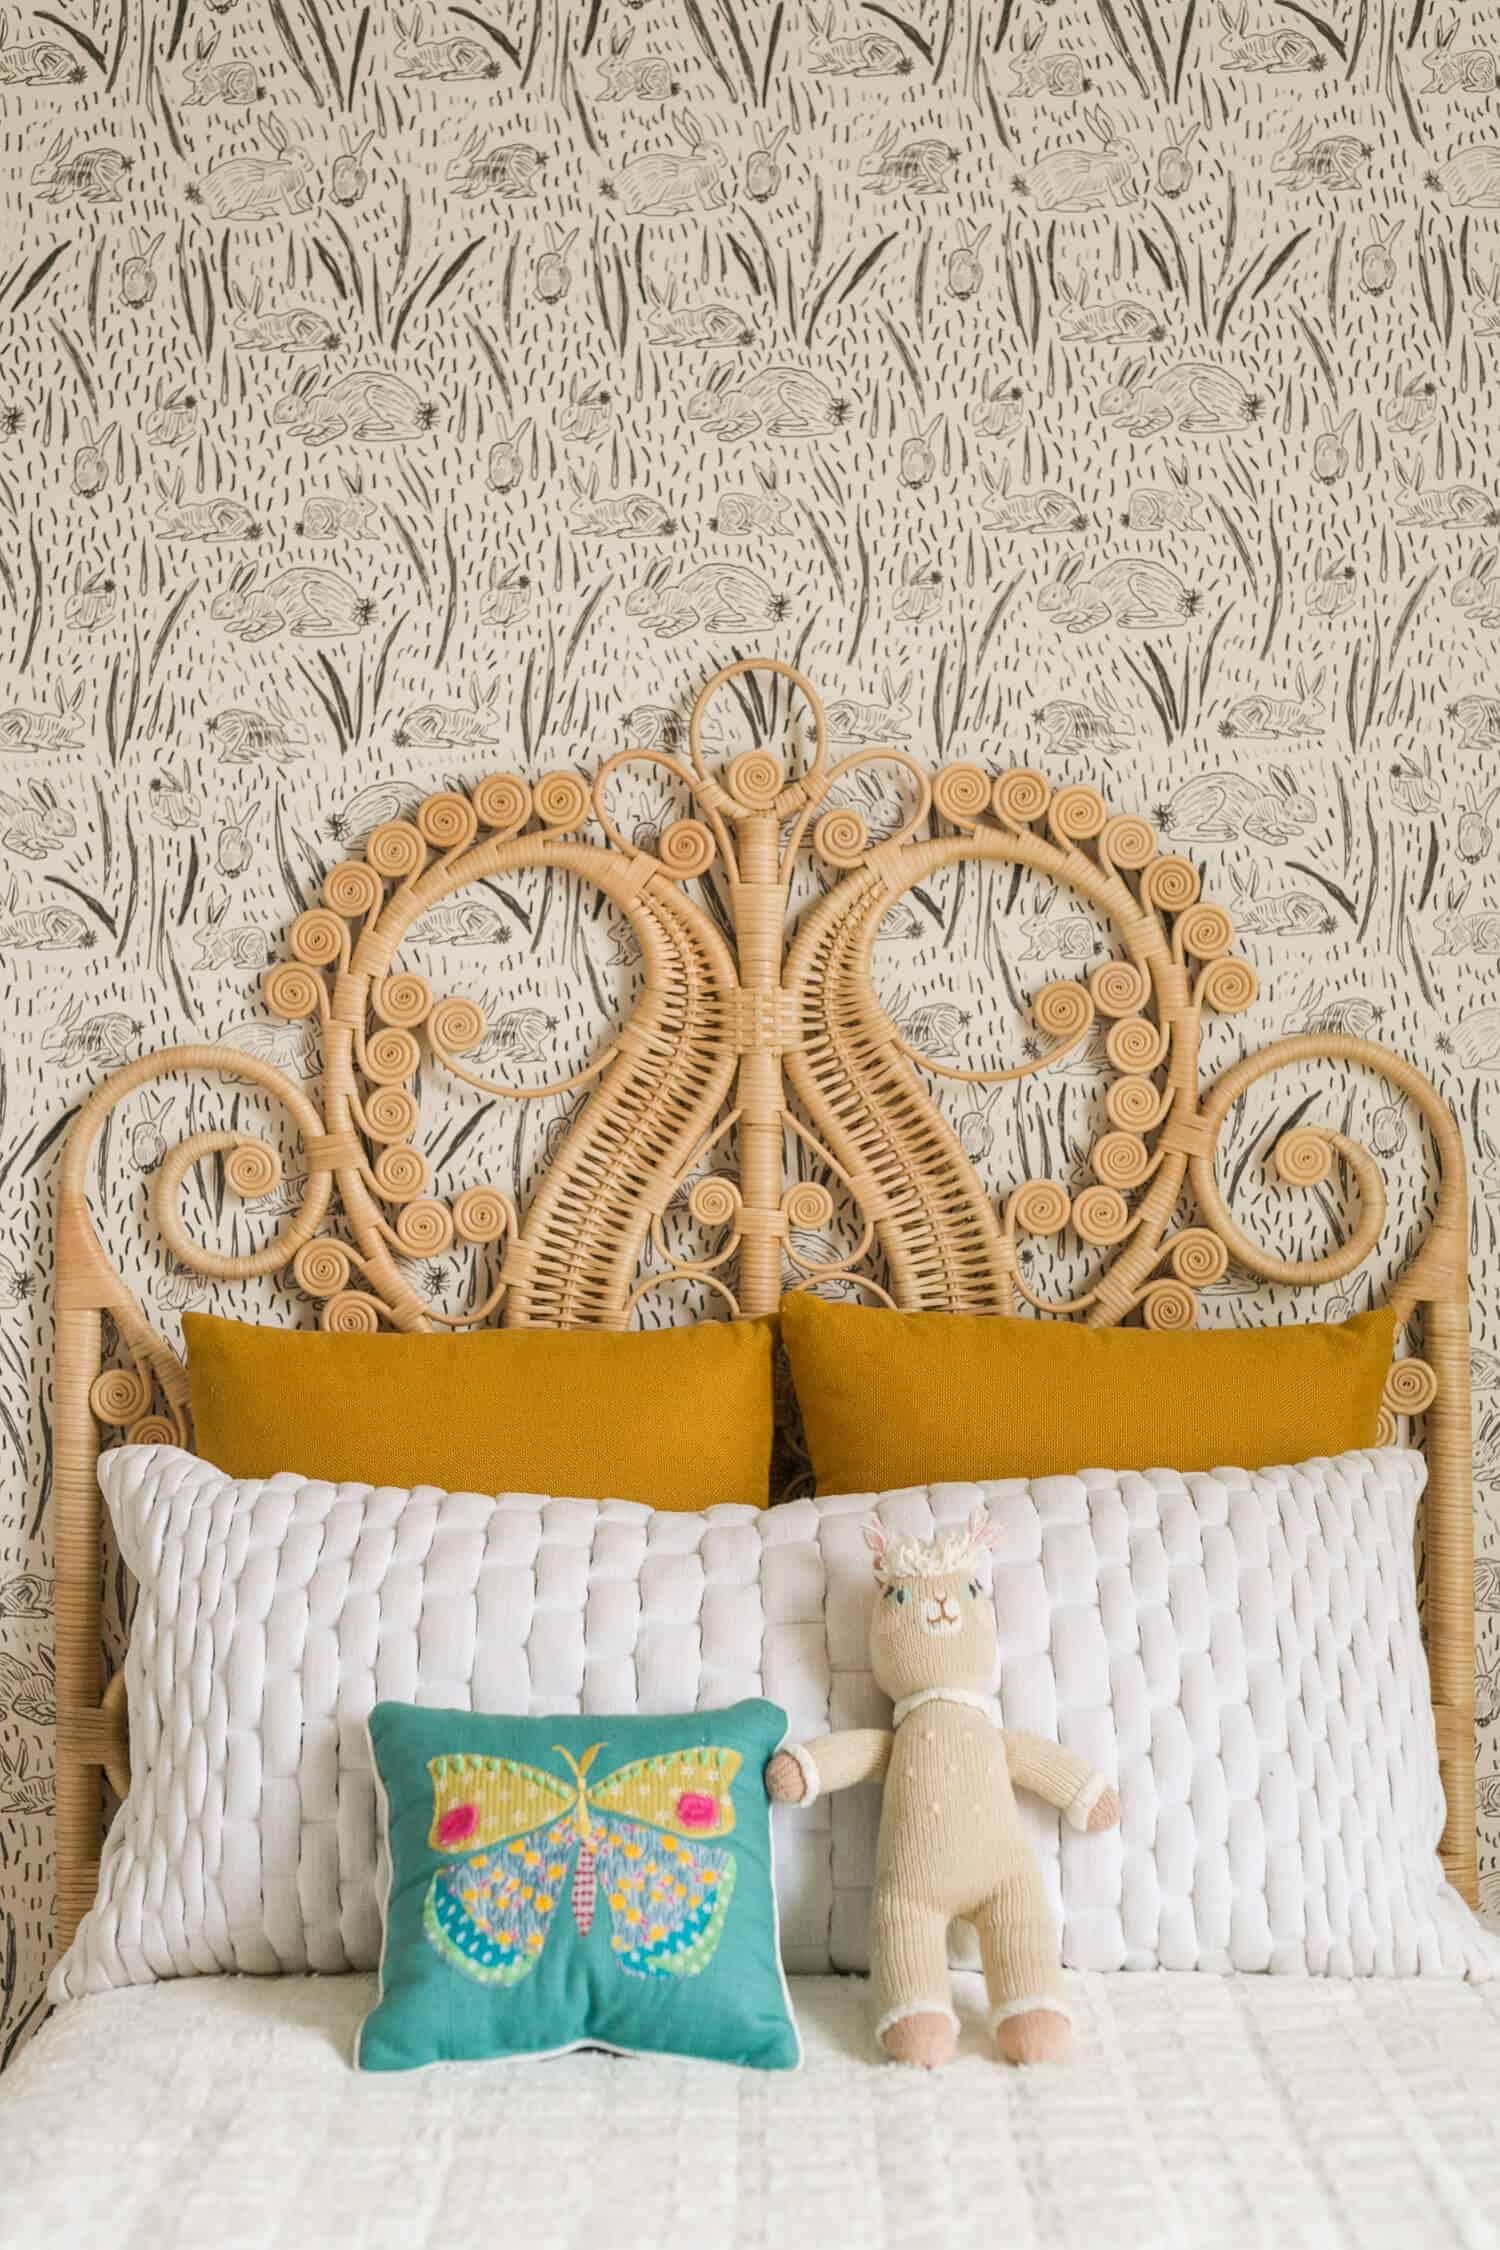 Wicker headboard in a toddler bedroom